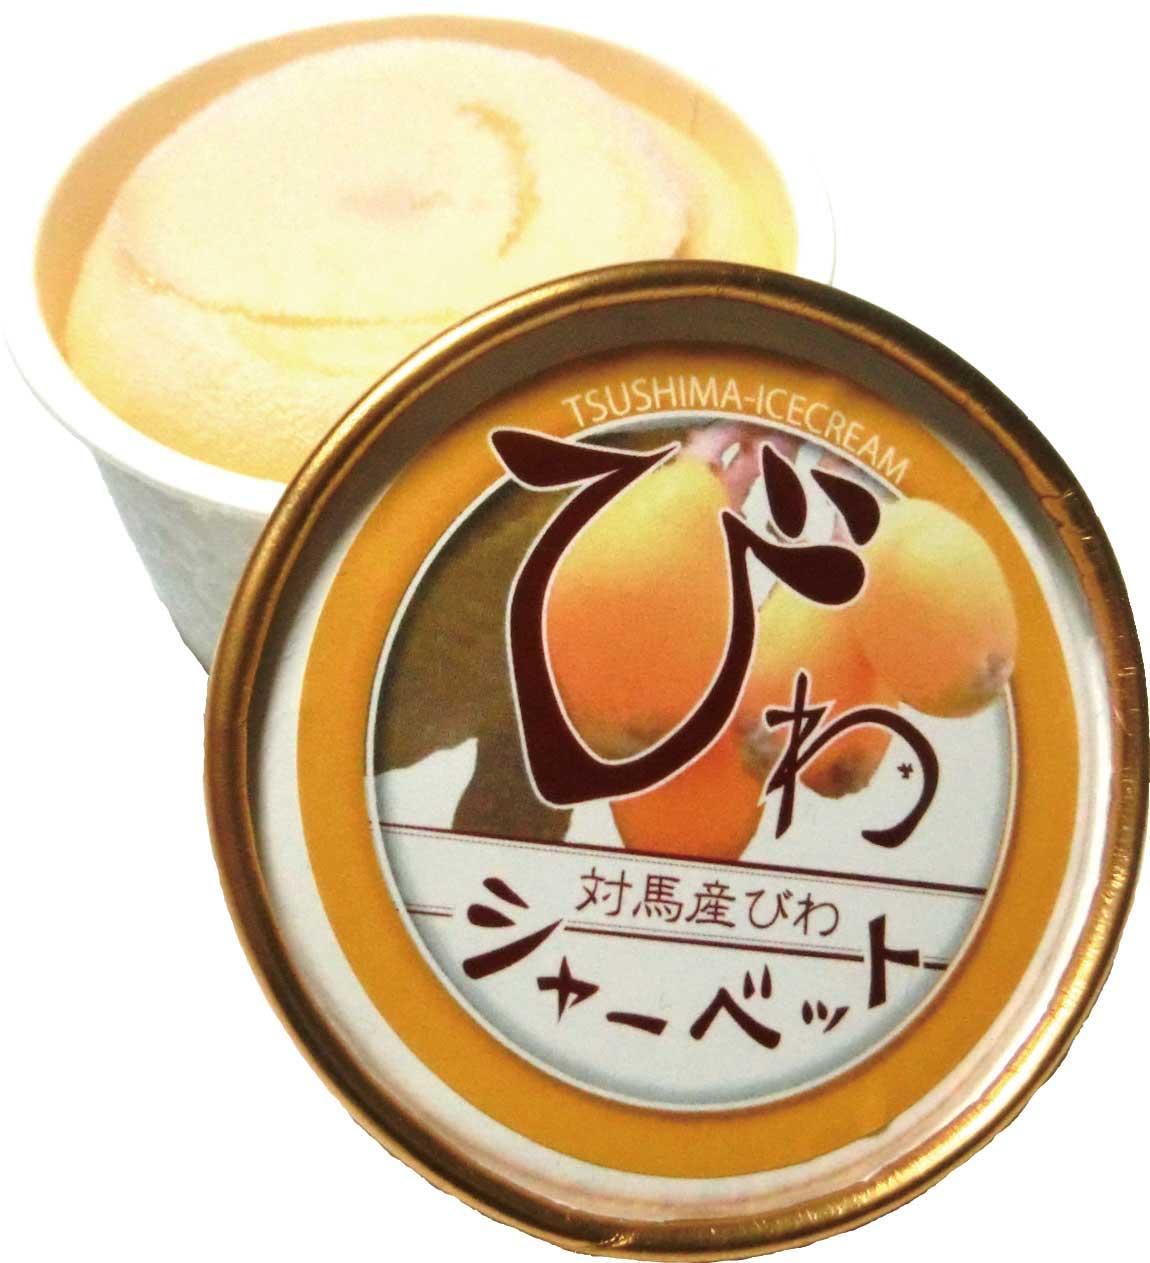 【送料無料】対馬プレミアムアイスクリーム6個チョイス(6種より選べます)